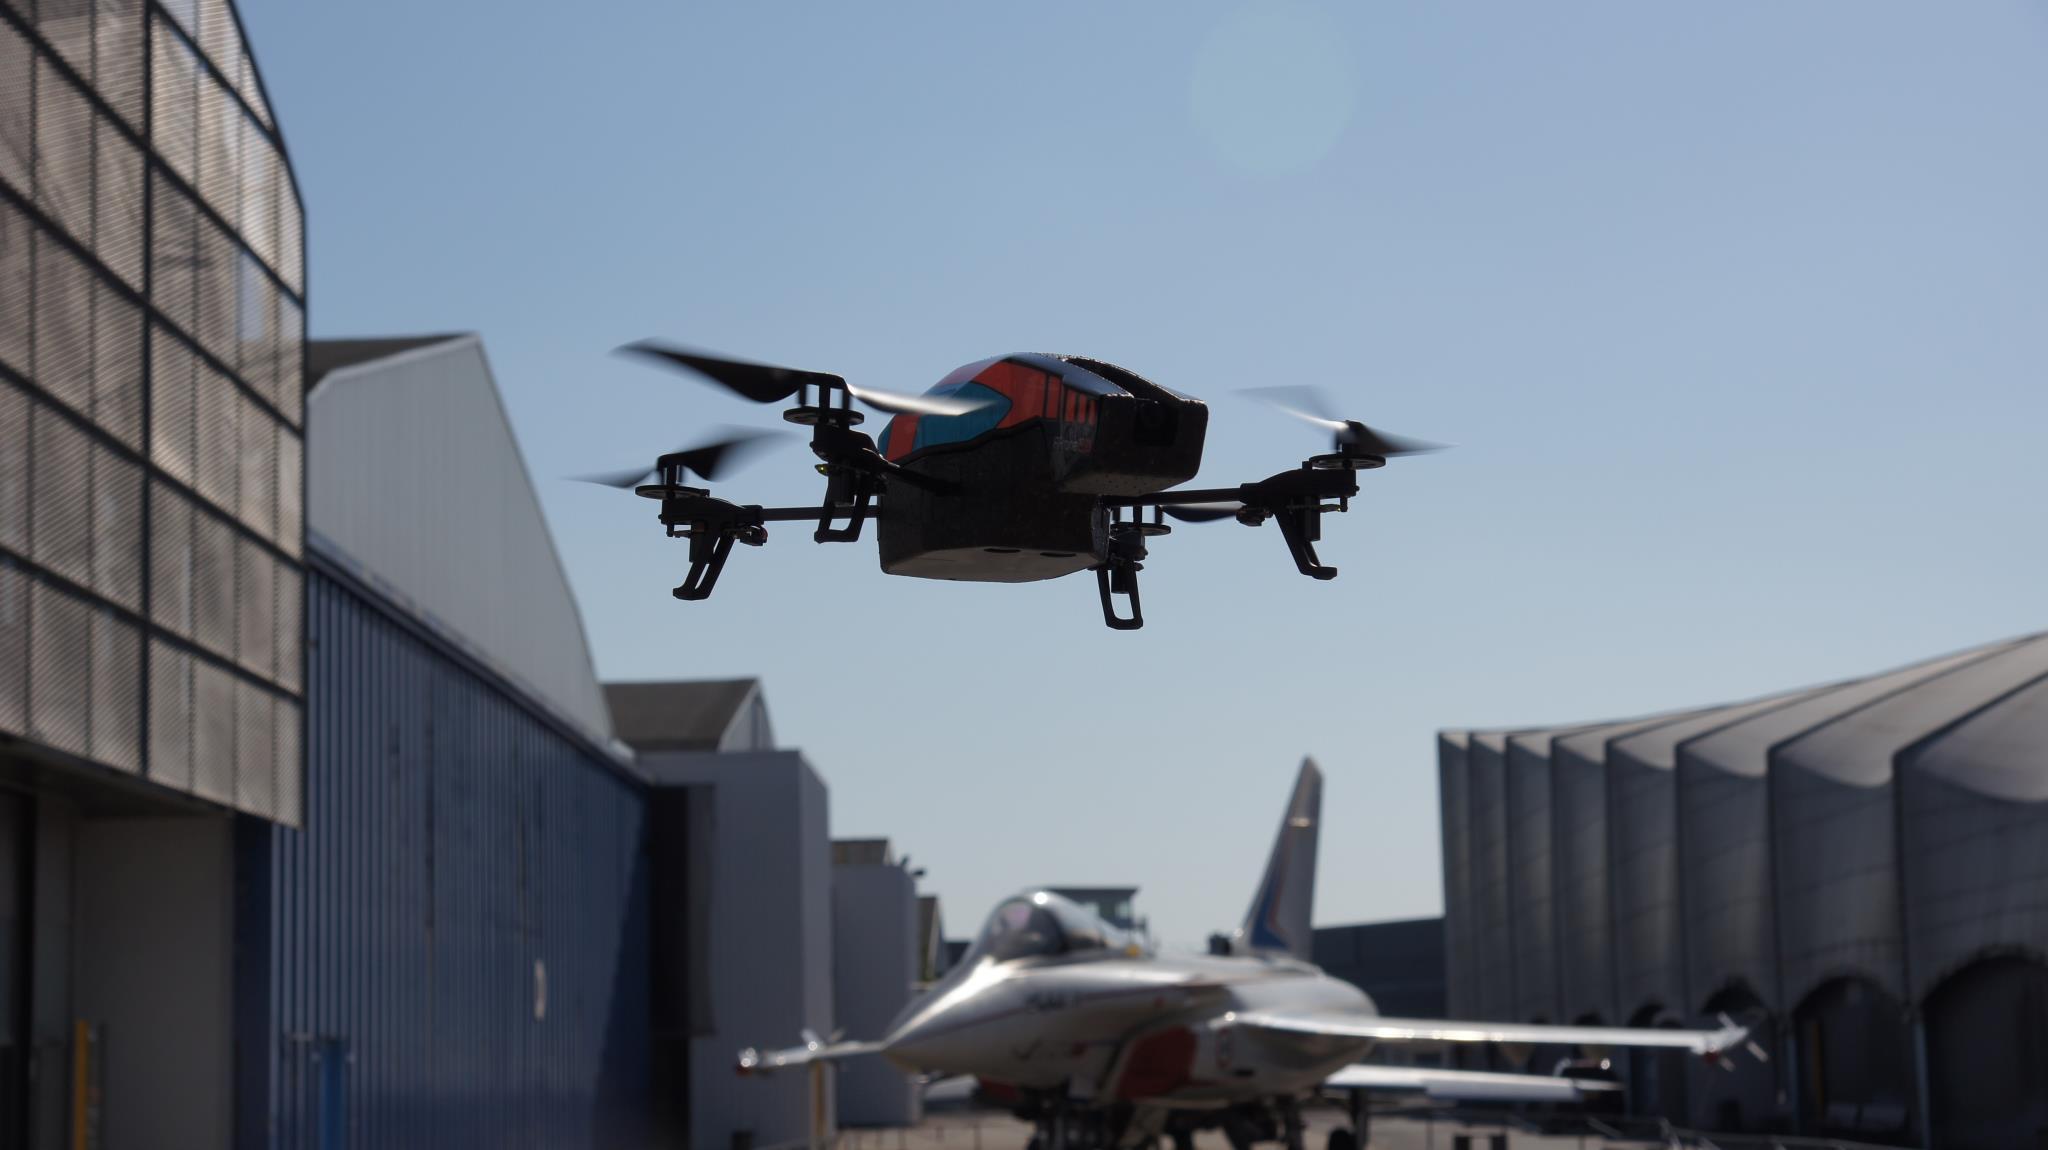 Cheap Parrot AR drones